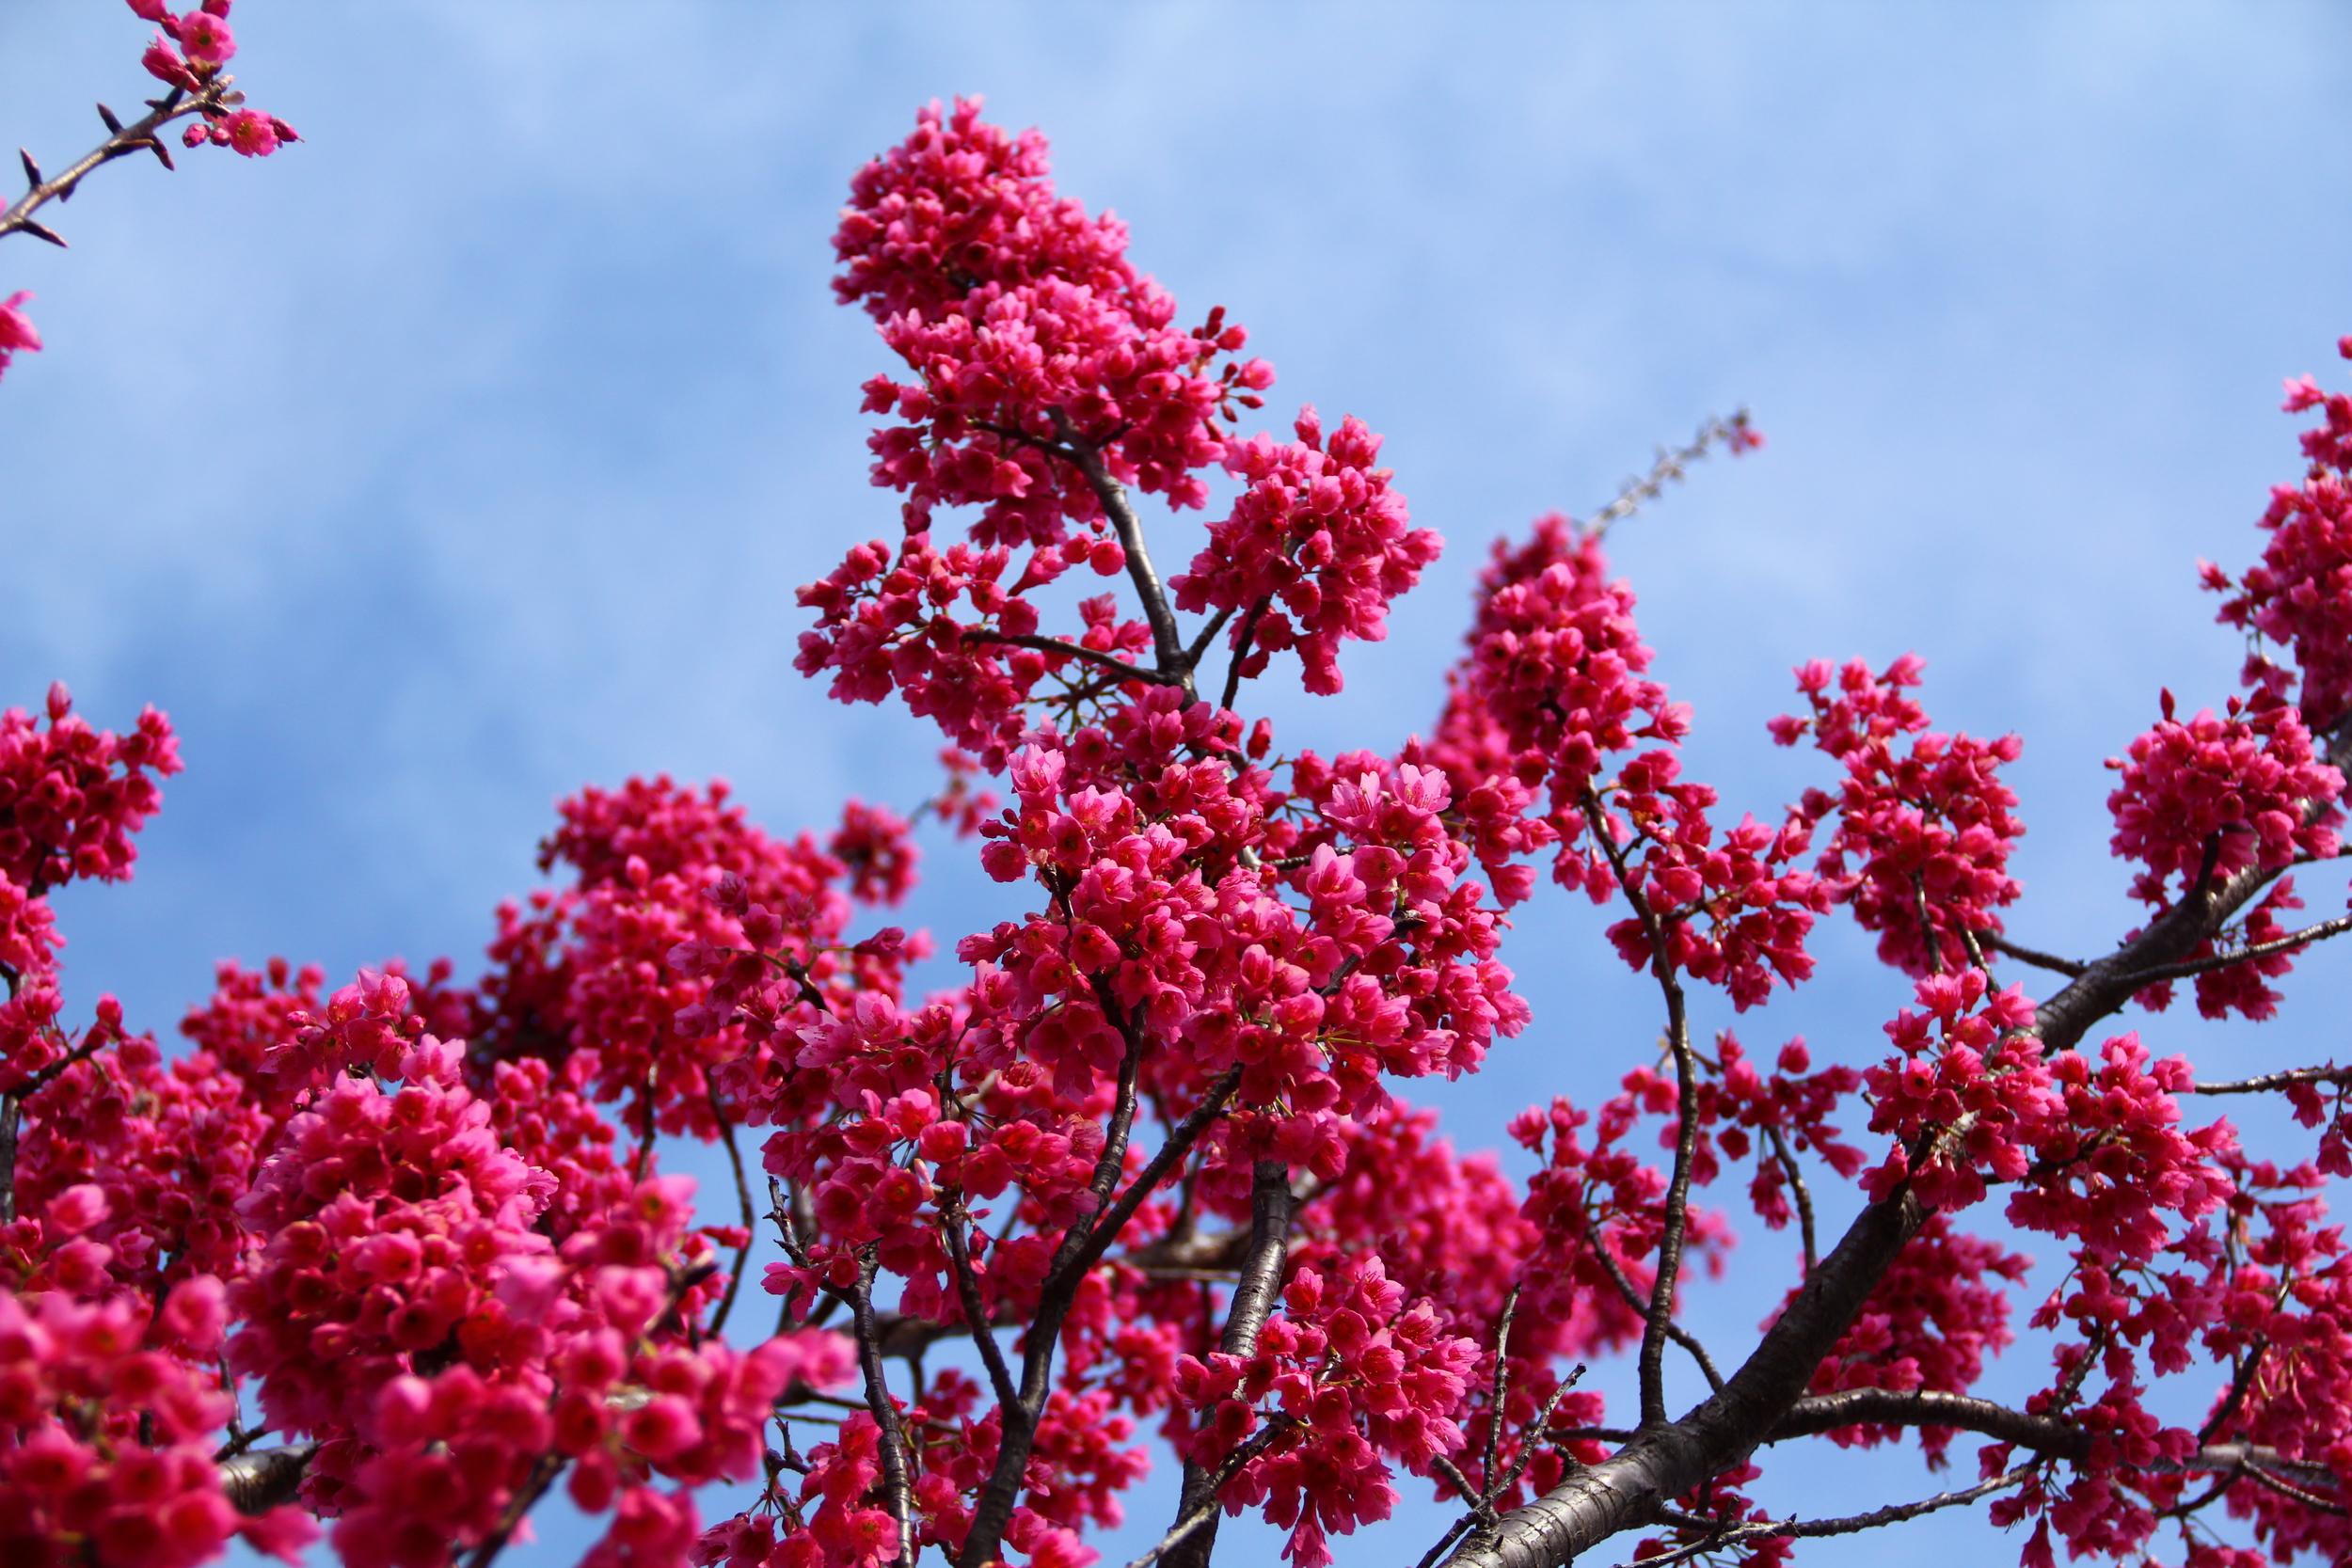 4-9-14 Blossom 3.JPG